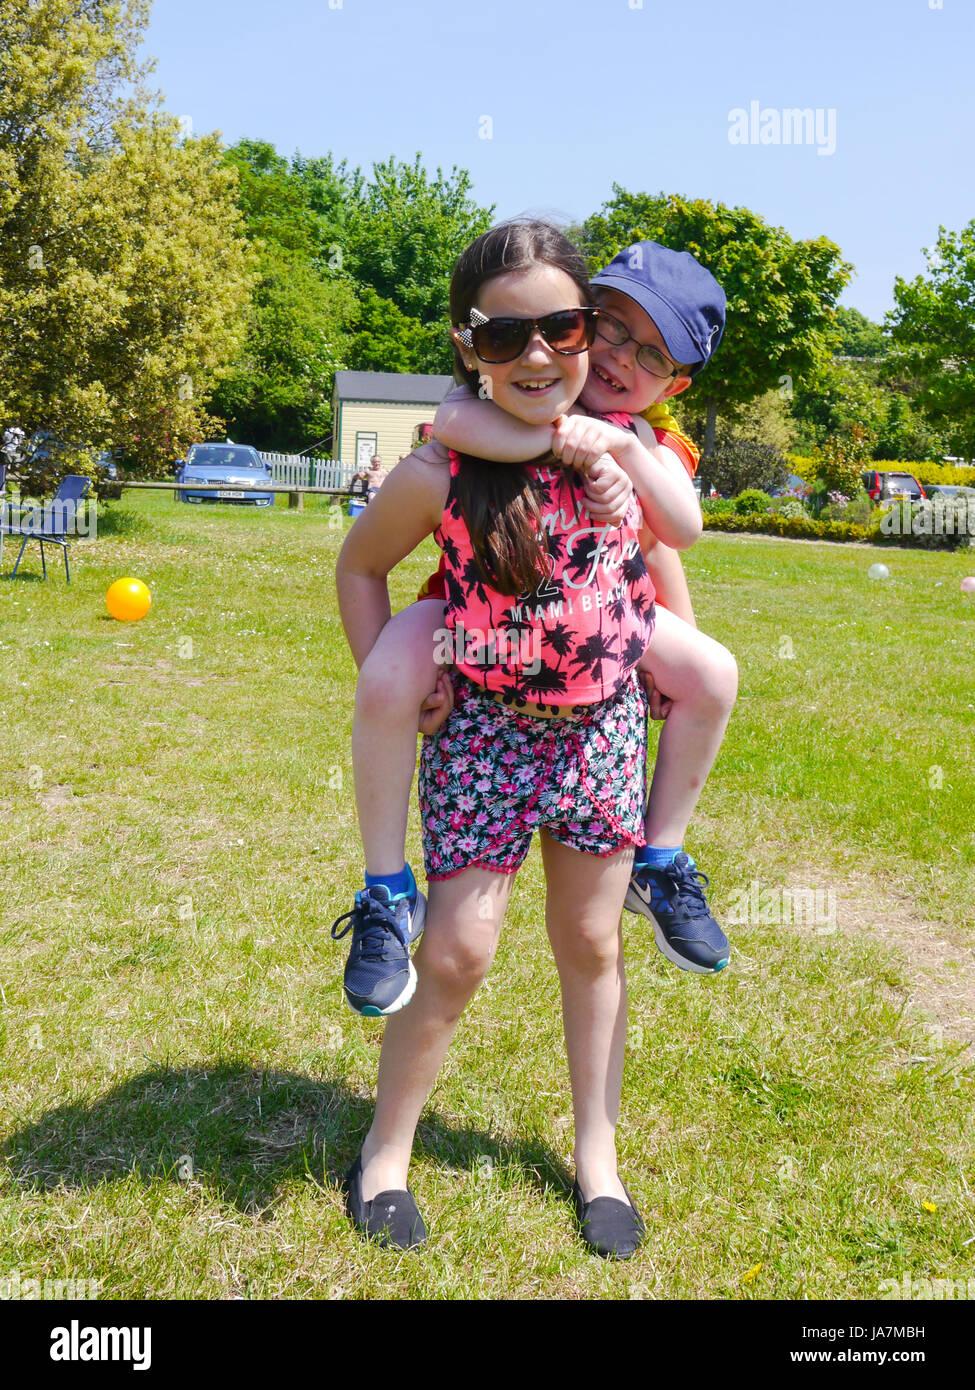 Une jeune fille donne à son plus jeune frère a piggy back Photo Stock